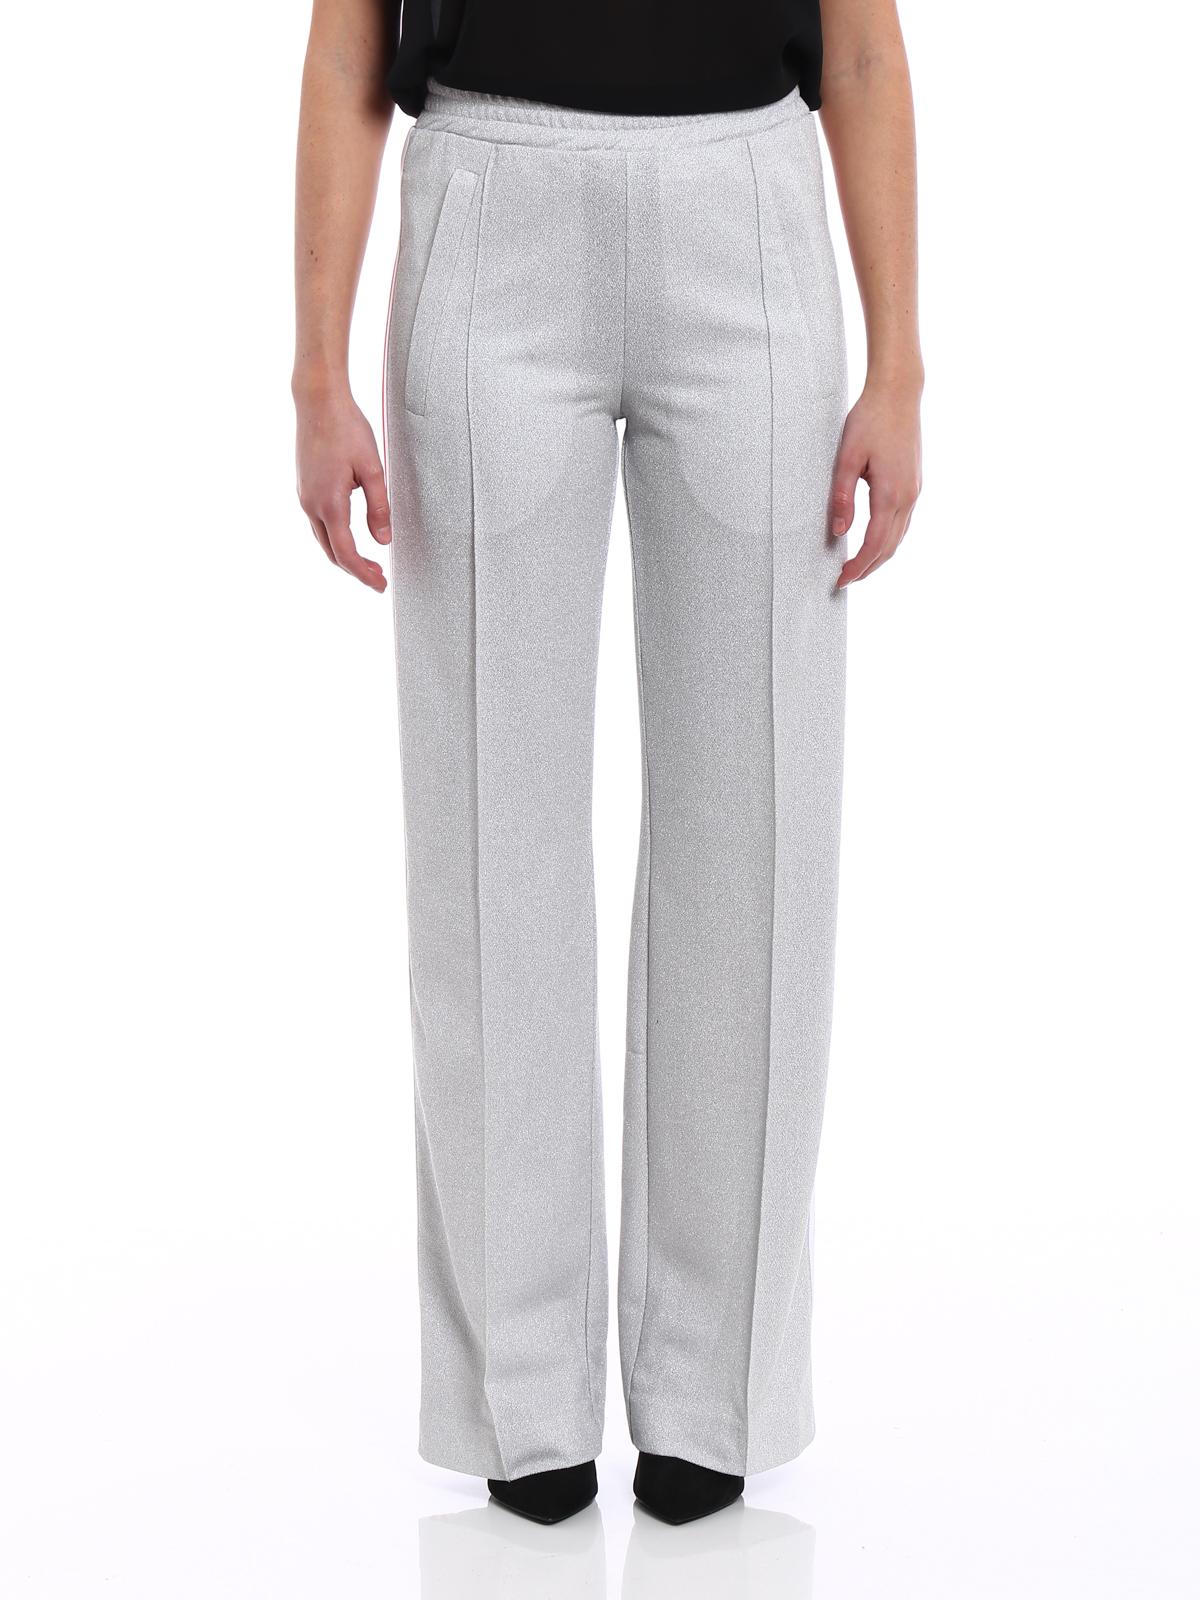 e807593e5d8c4d Donna · Uomo. iKRIX DONDUP: pantaloni casual - Pantaloni jogging in lurex  argento